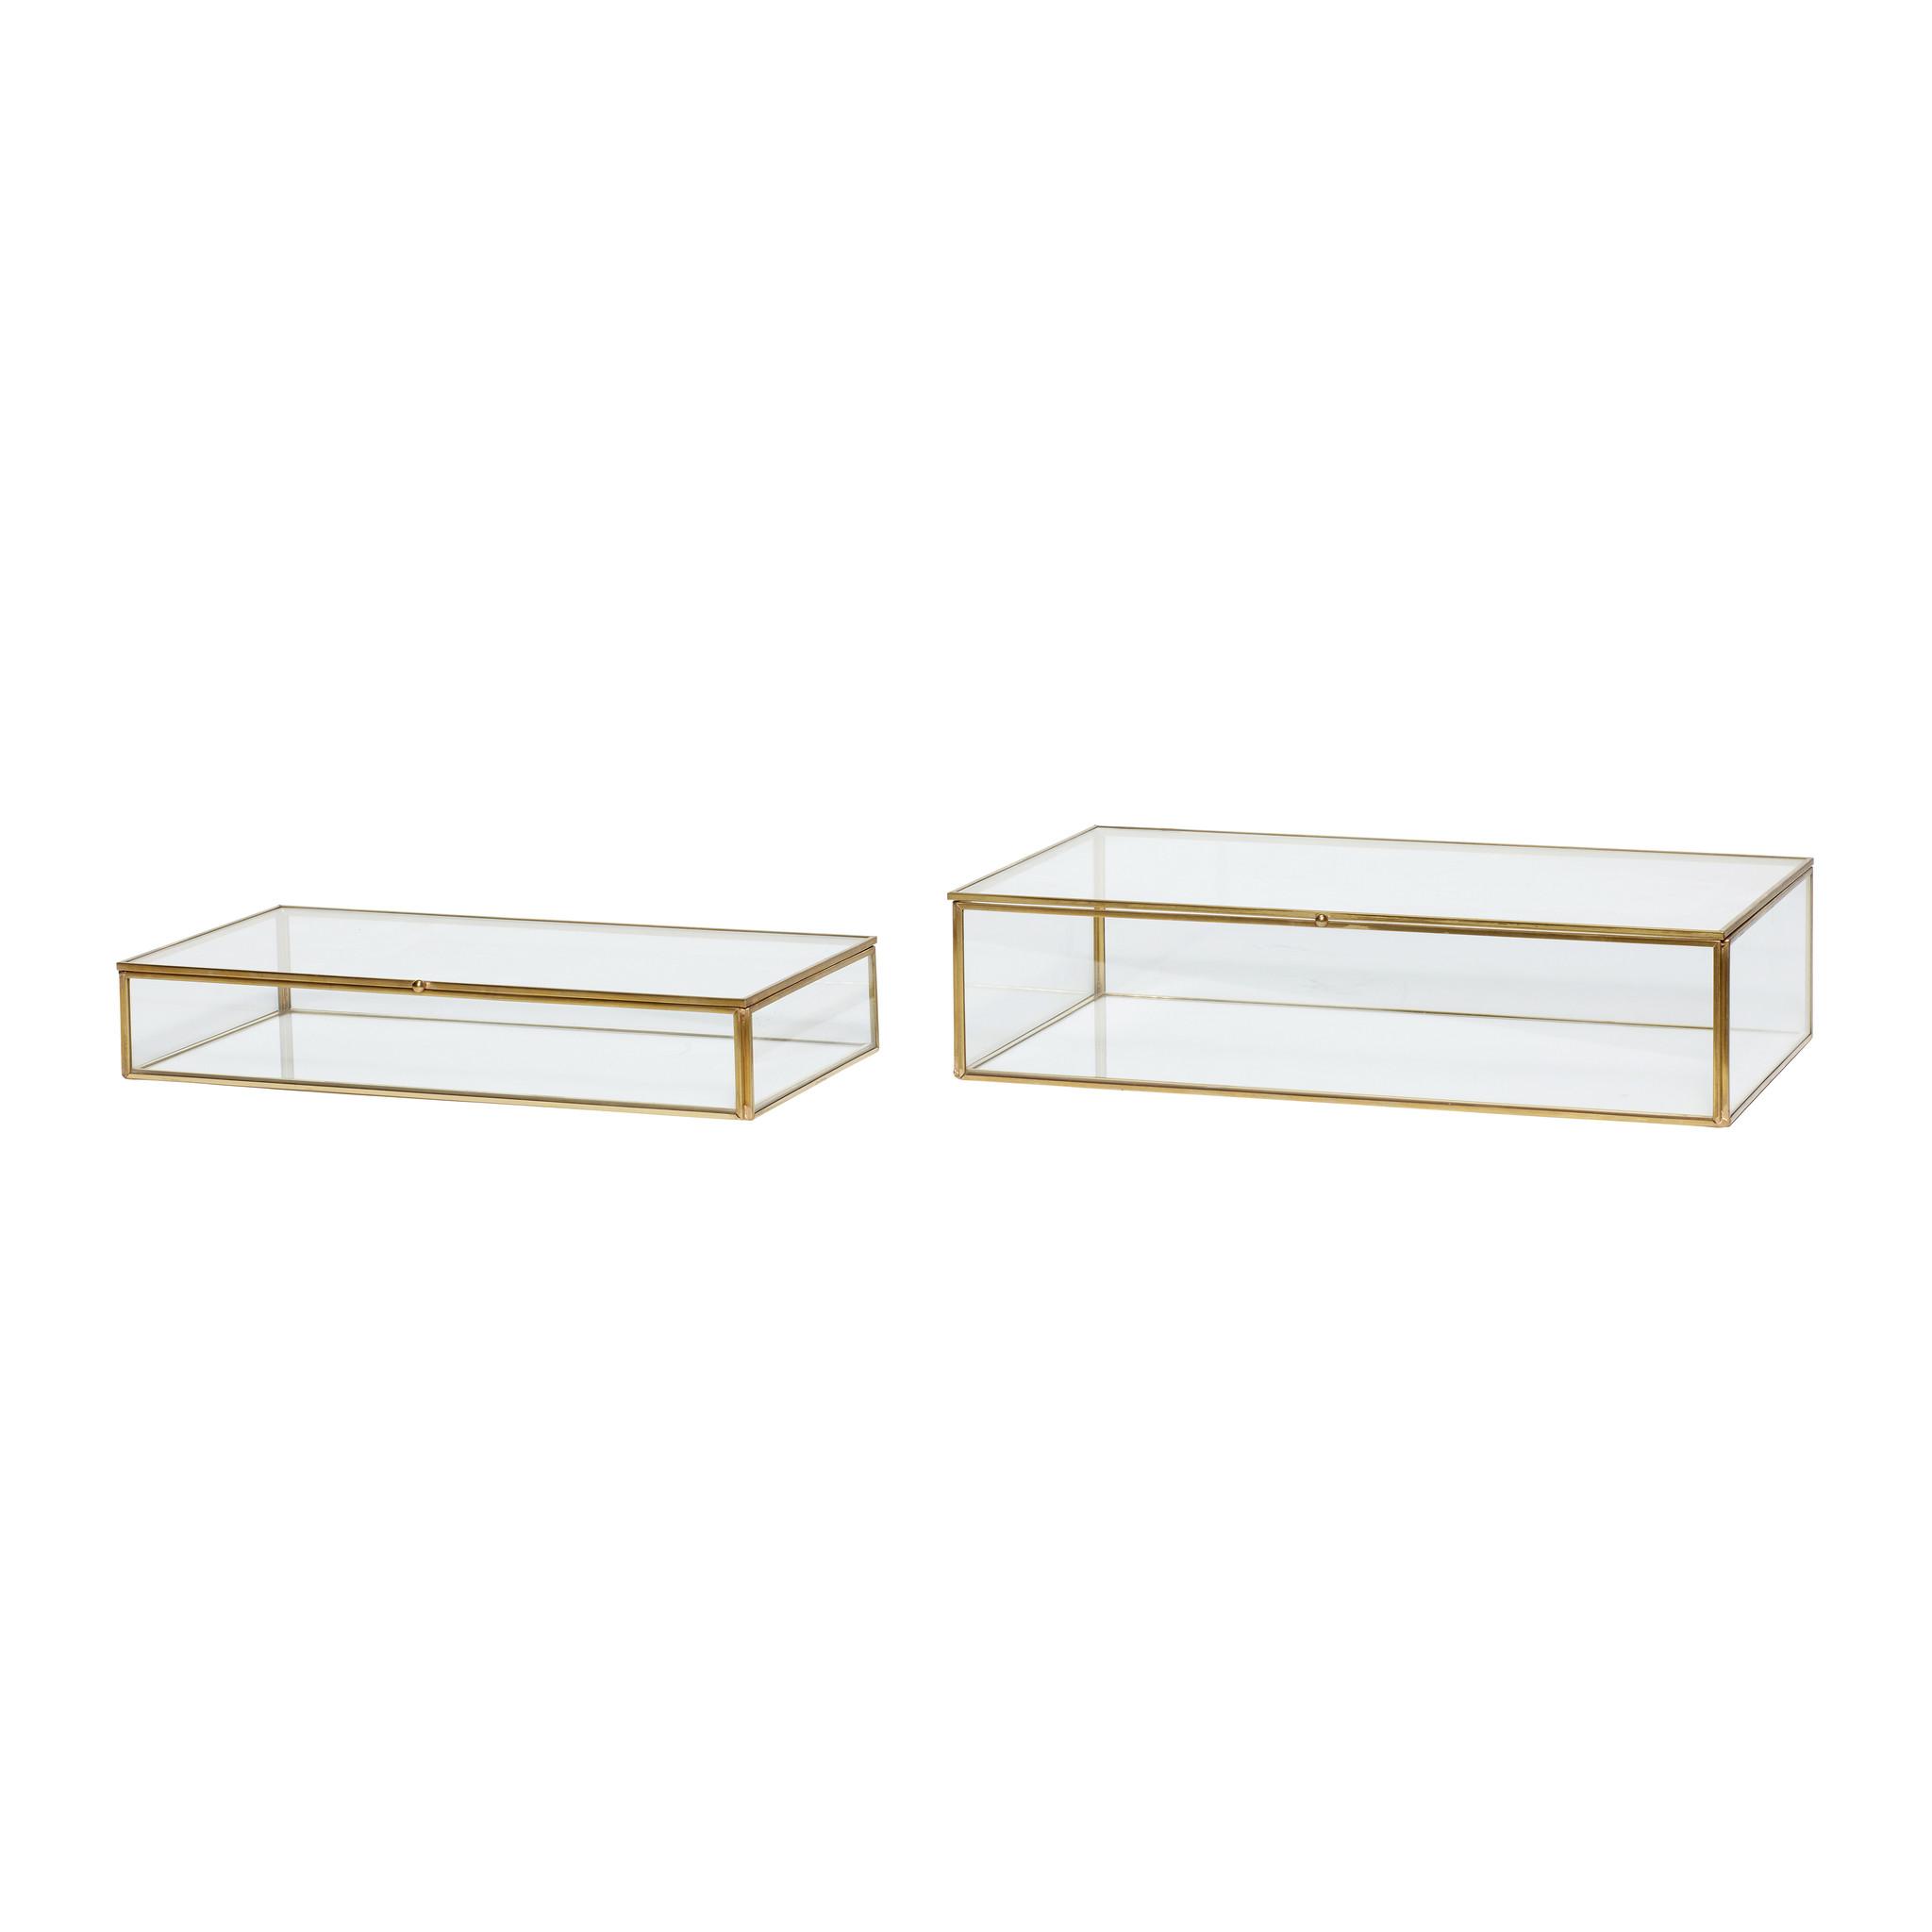 Hubsch Glazen doos, messing / glas, set van 2-150203-5712772055649